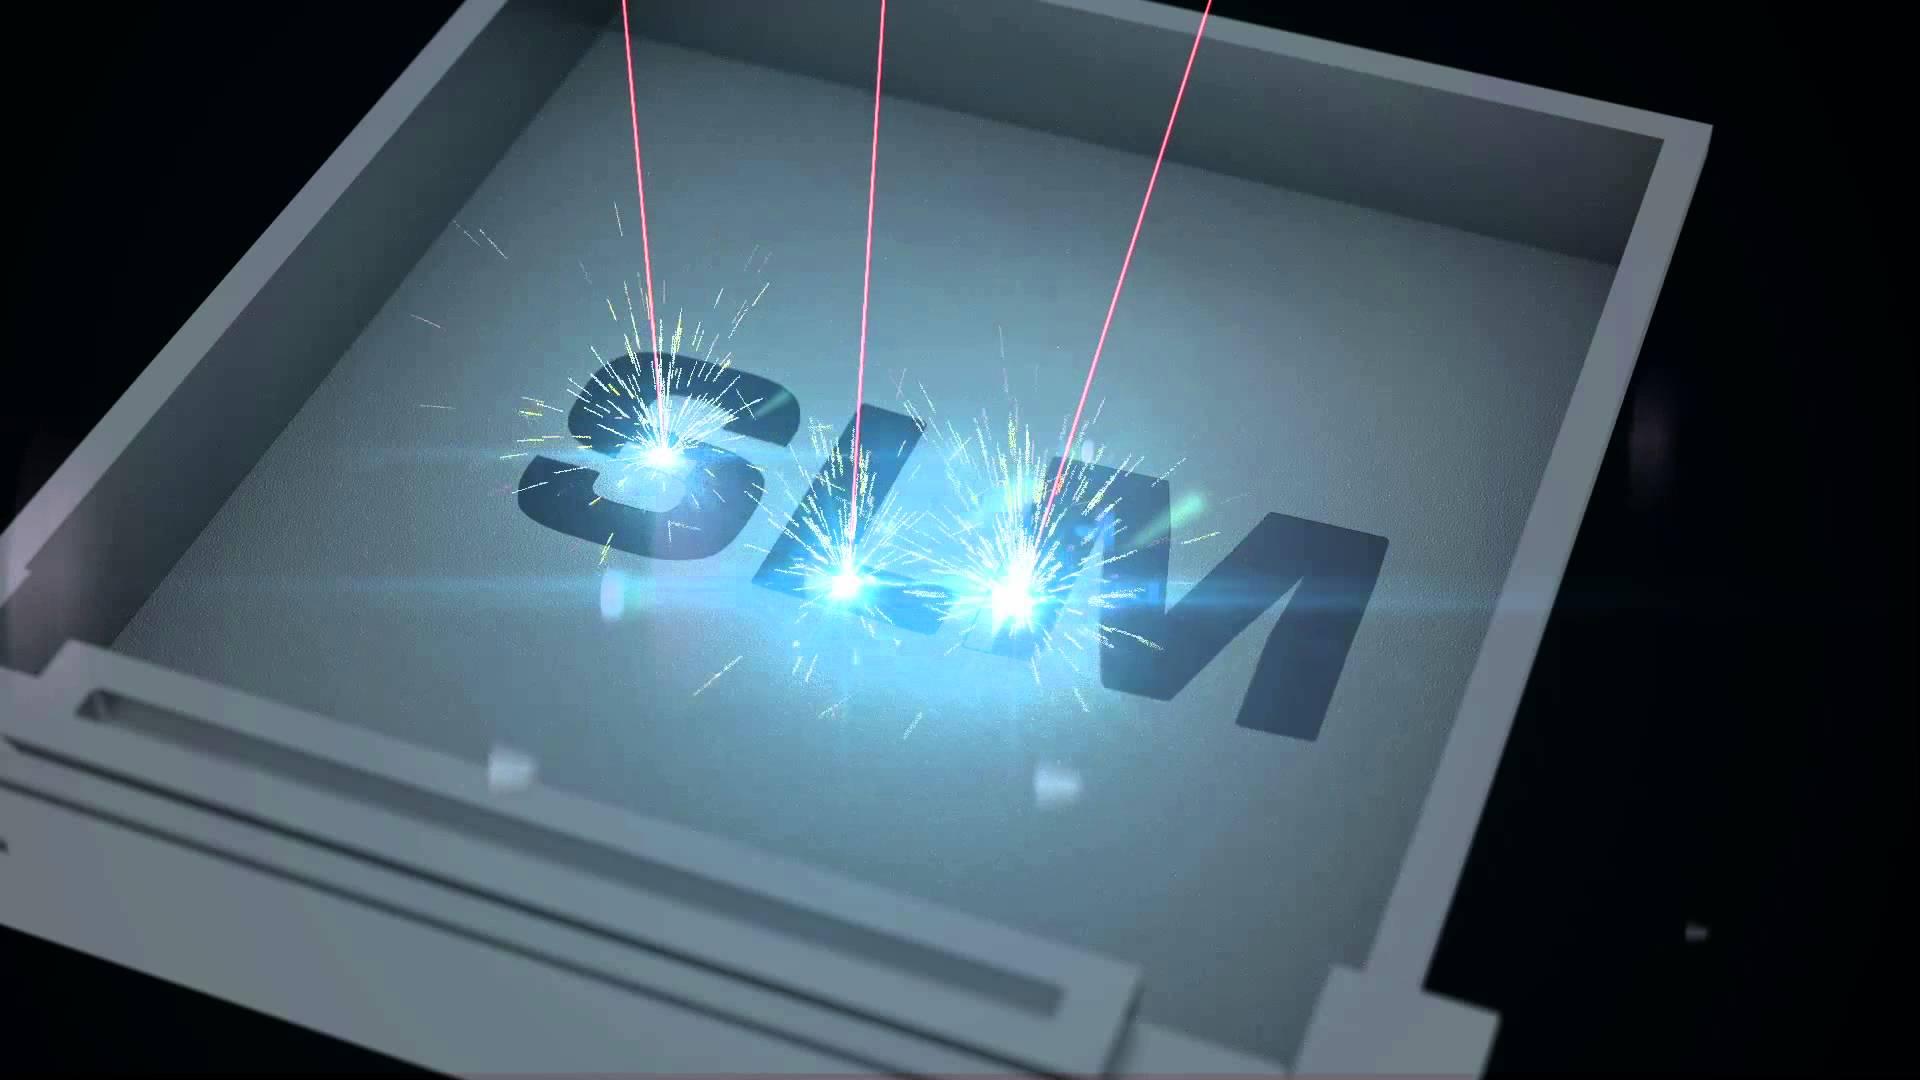 SLMソルーションズがアディティブ・マニュファクチャリング用知的財産保護を強化へ